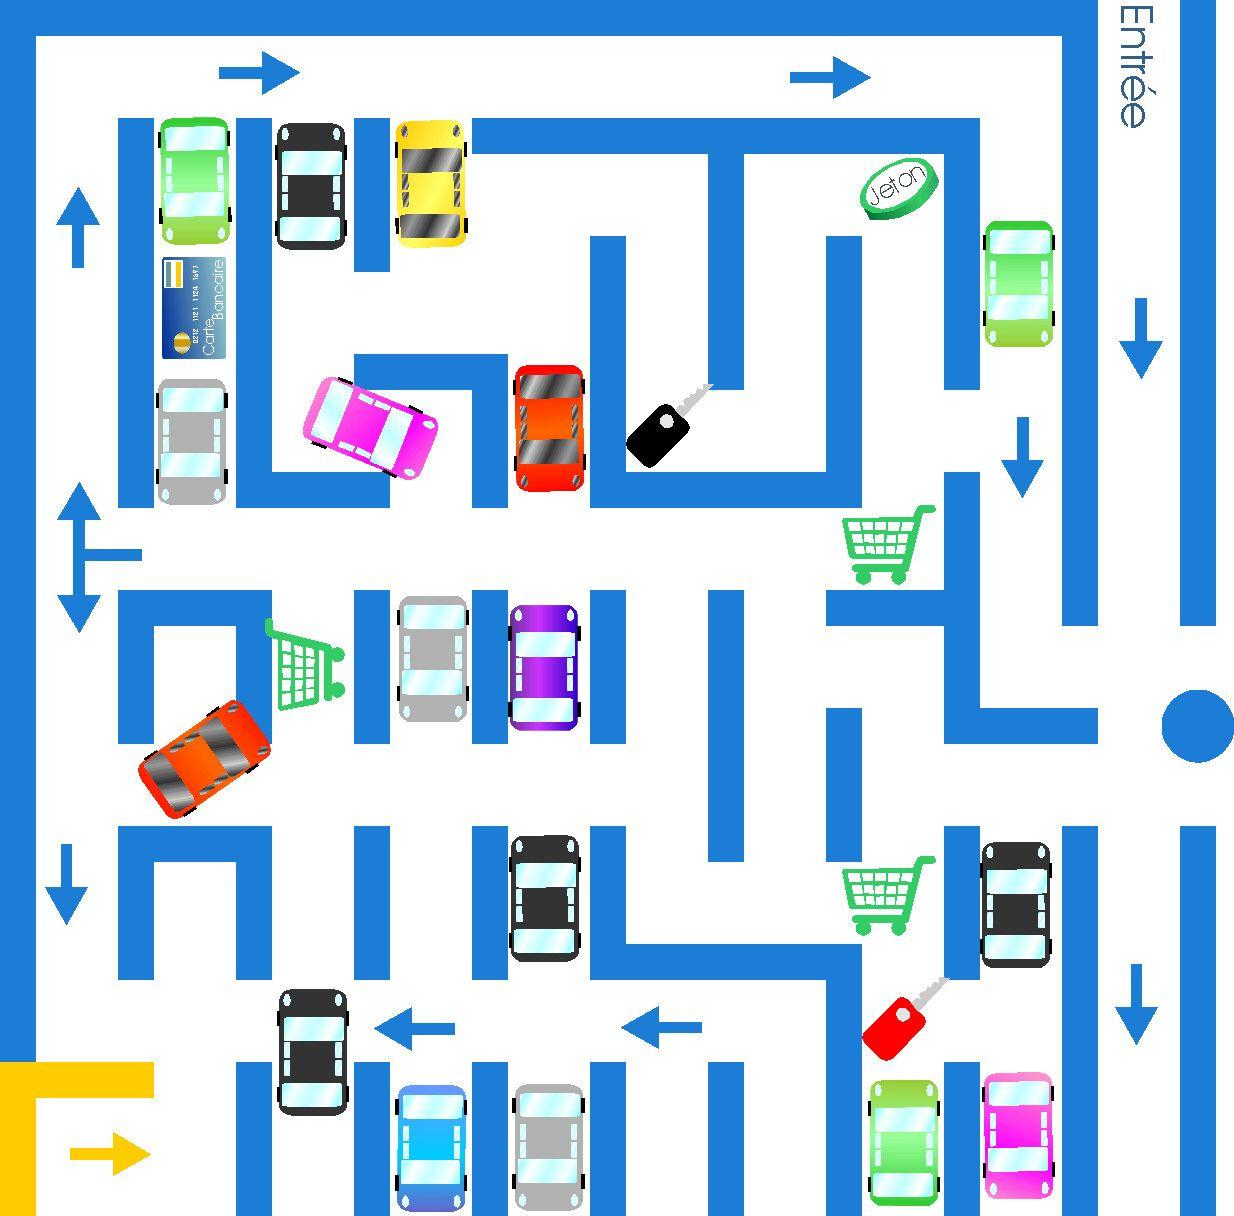 Labyrinthes Et Jeux A Imprimer Jeu De Logique Et R Flexion destiné Labyrinthe A Imprimer